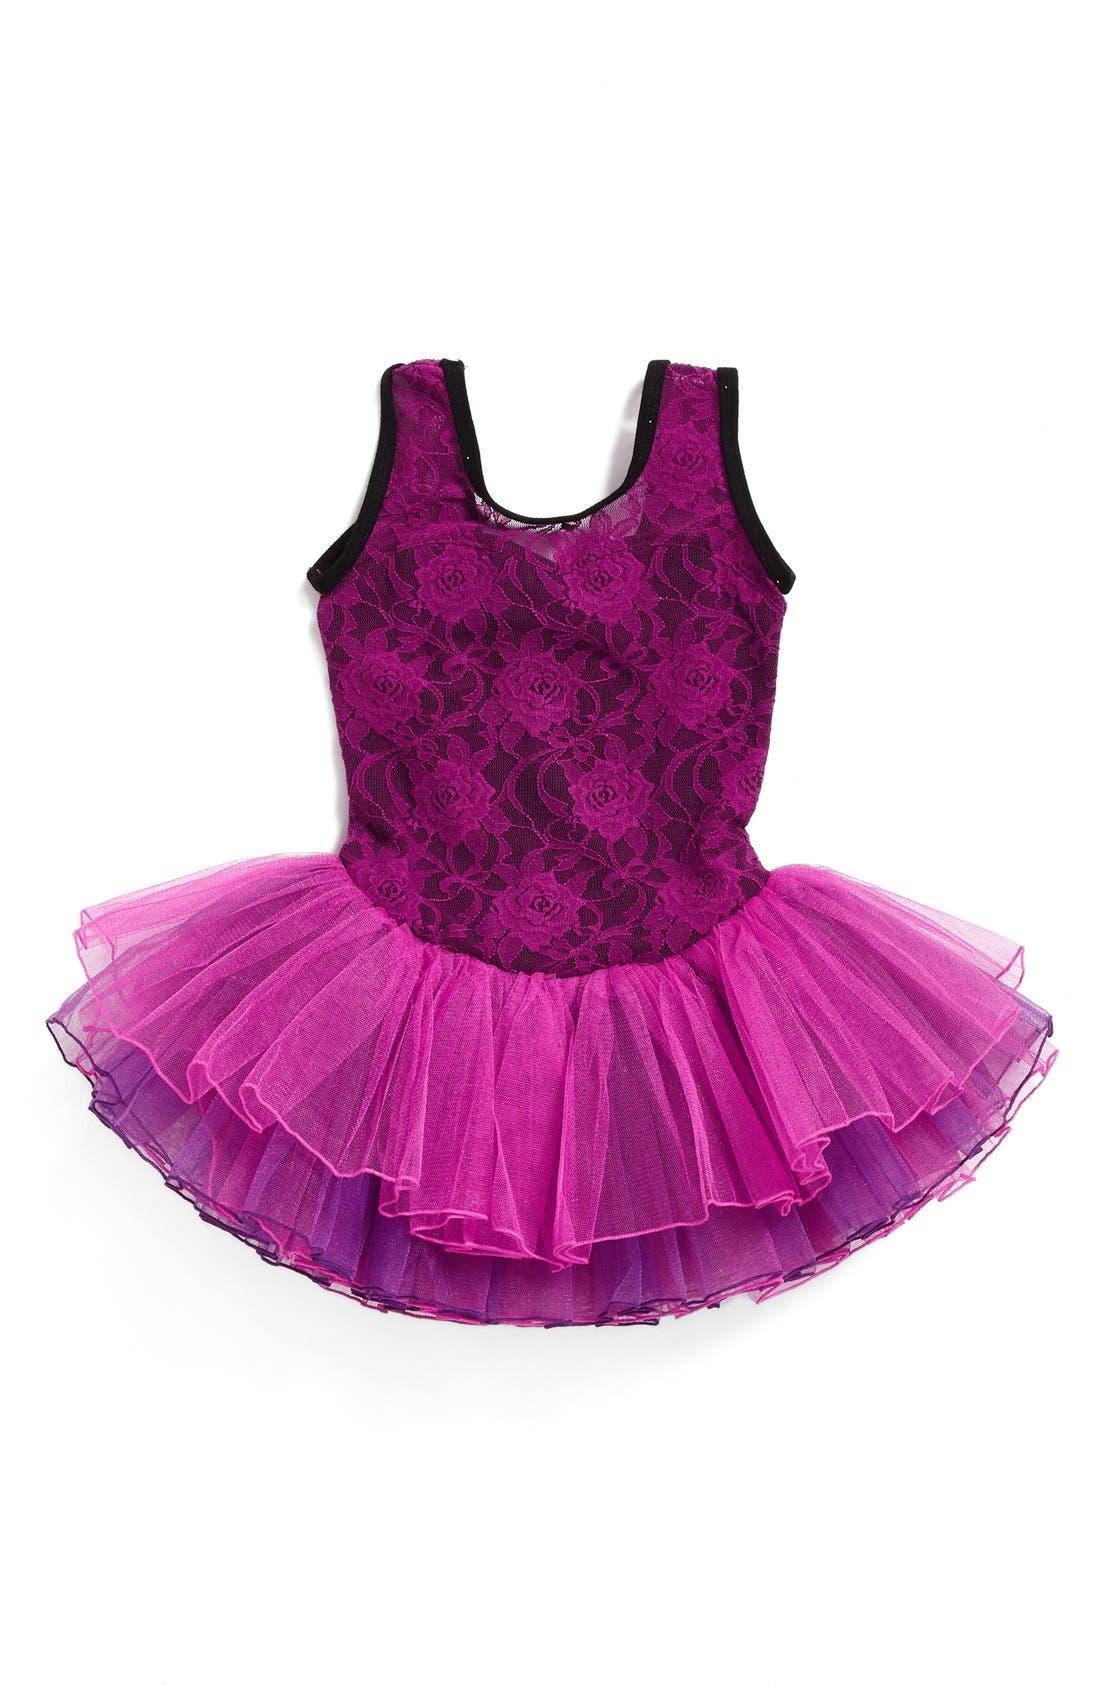 Main Image - Popatu Lace Tutu Dress (Baby Girls)